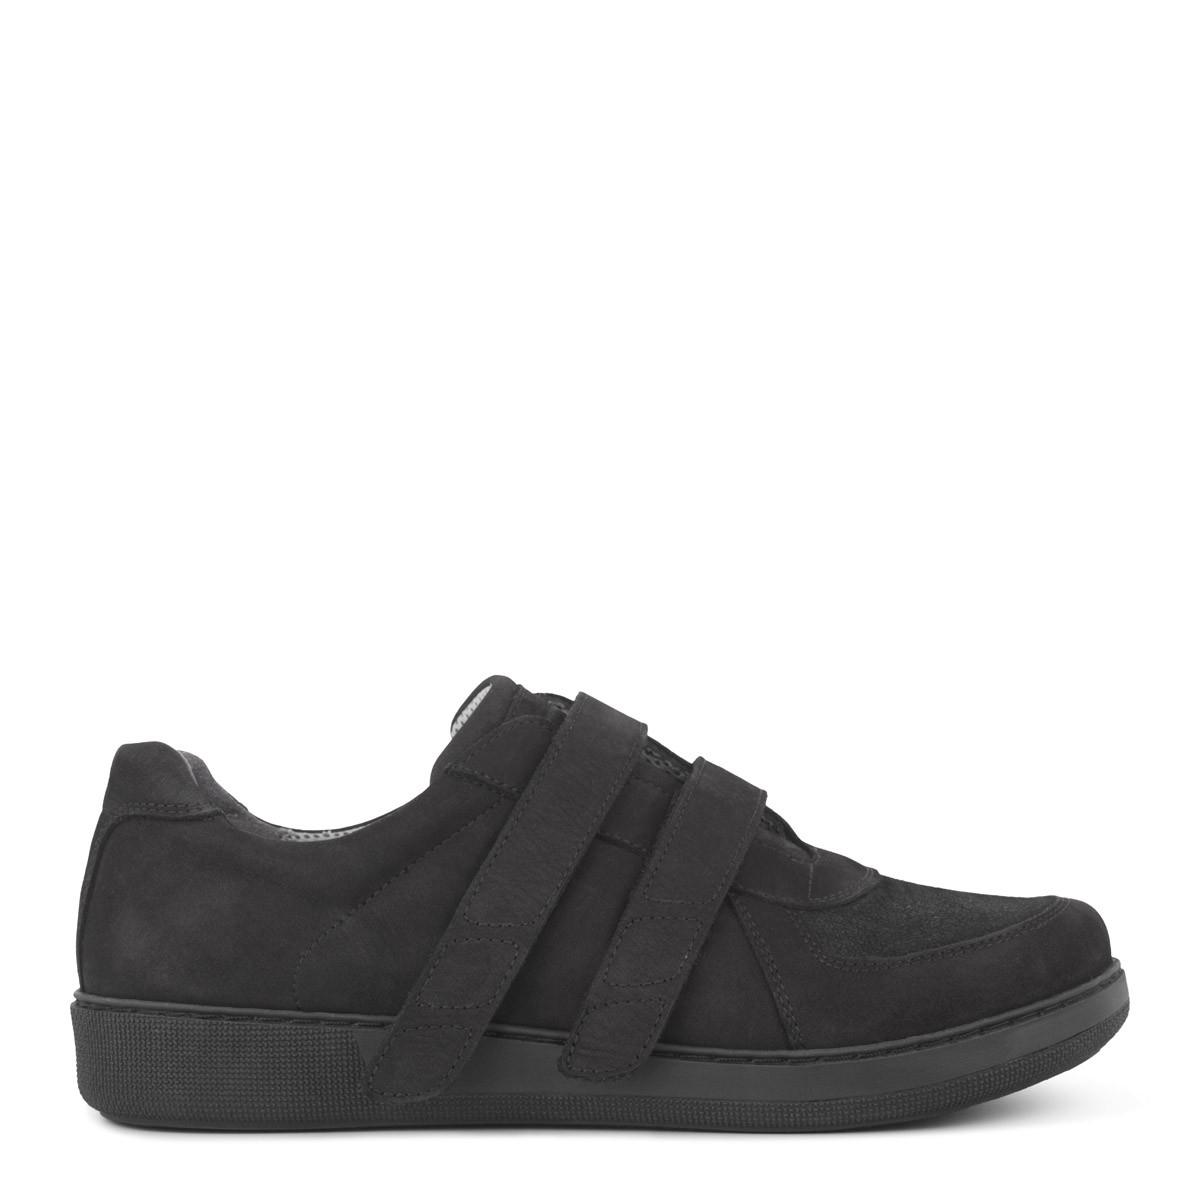 New Feet sko med velcrolukning – ekstra bred fra